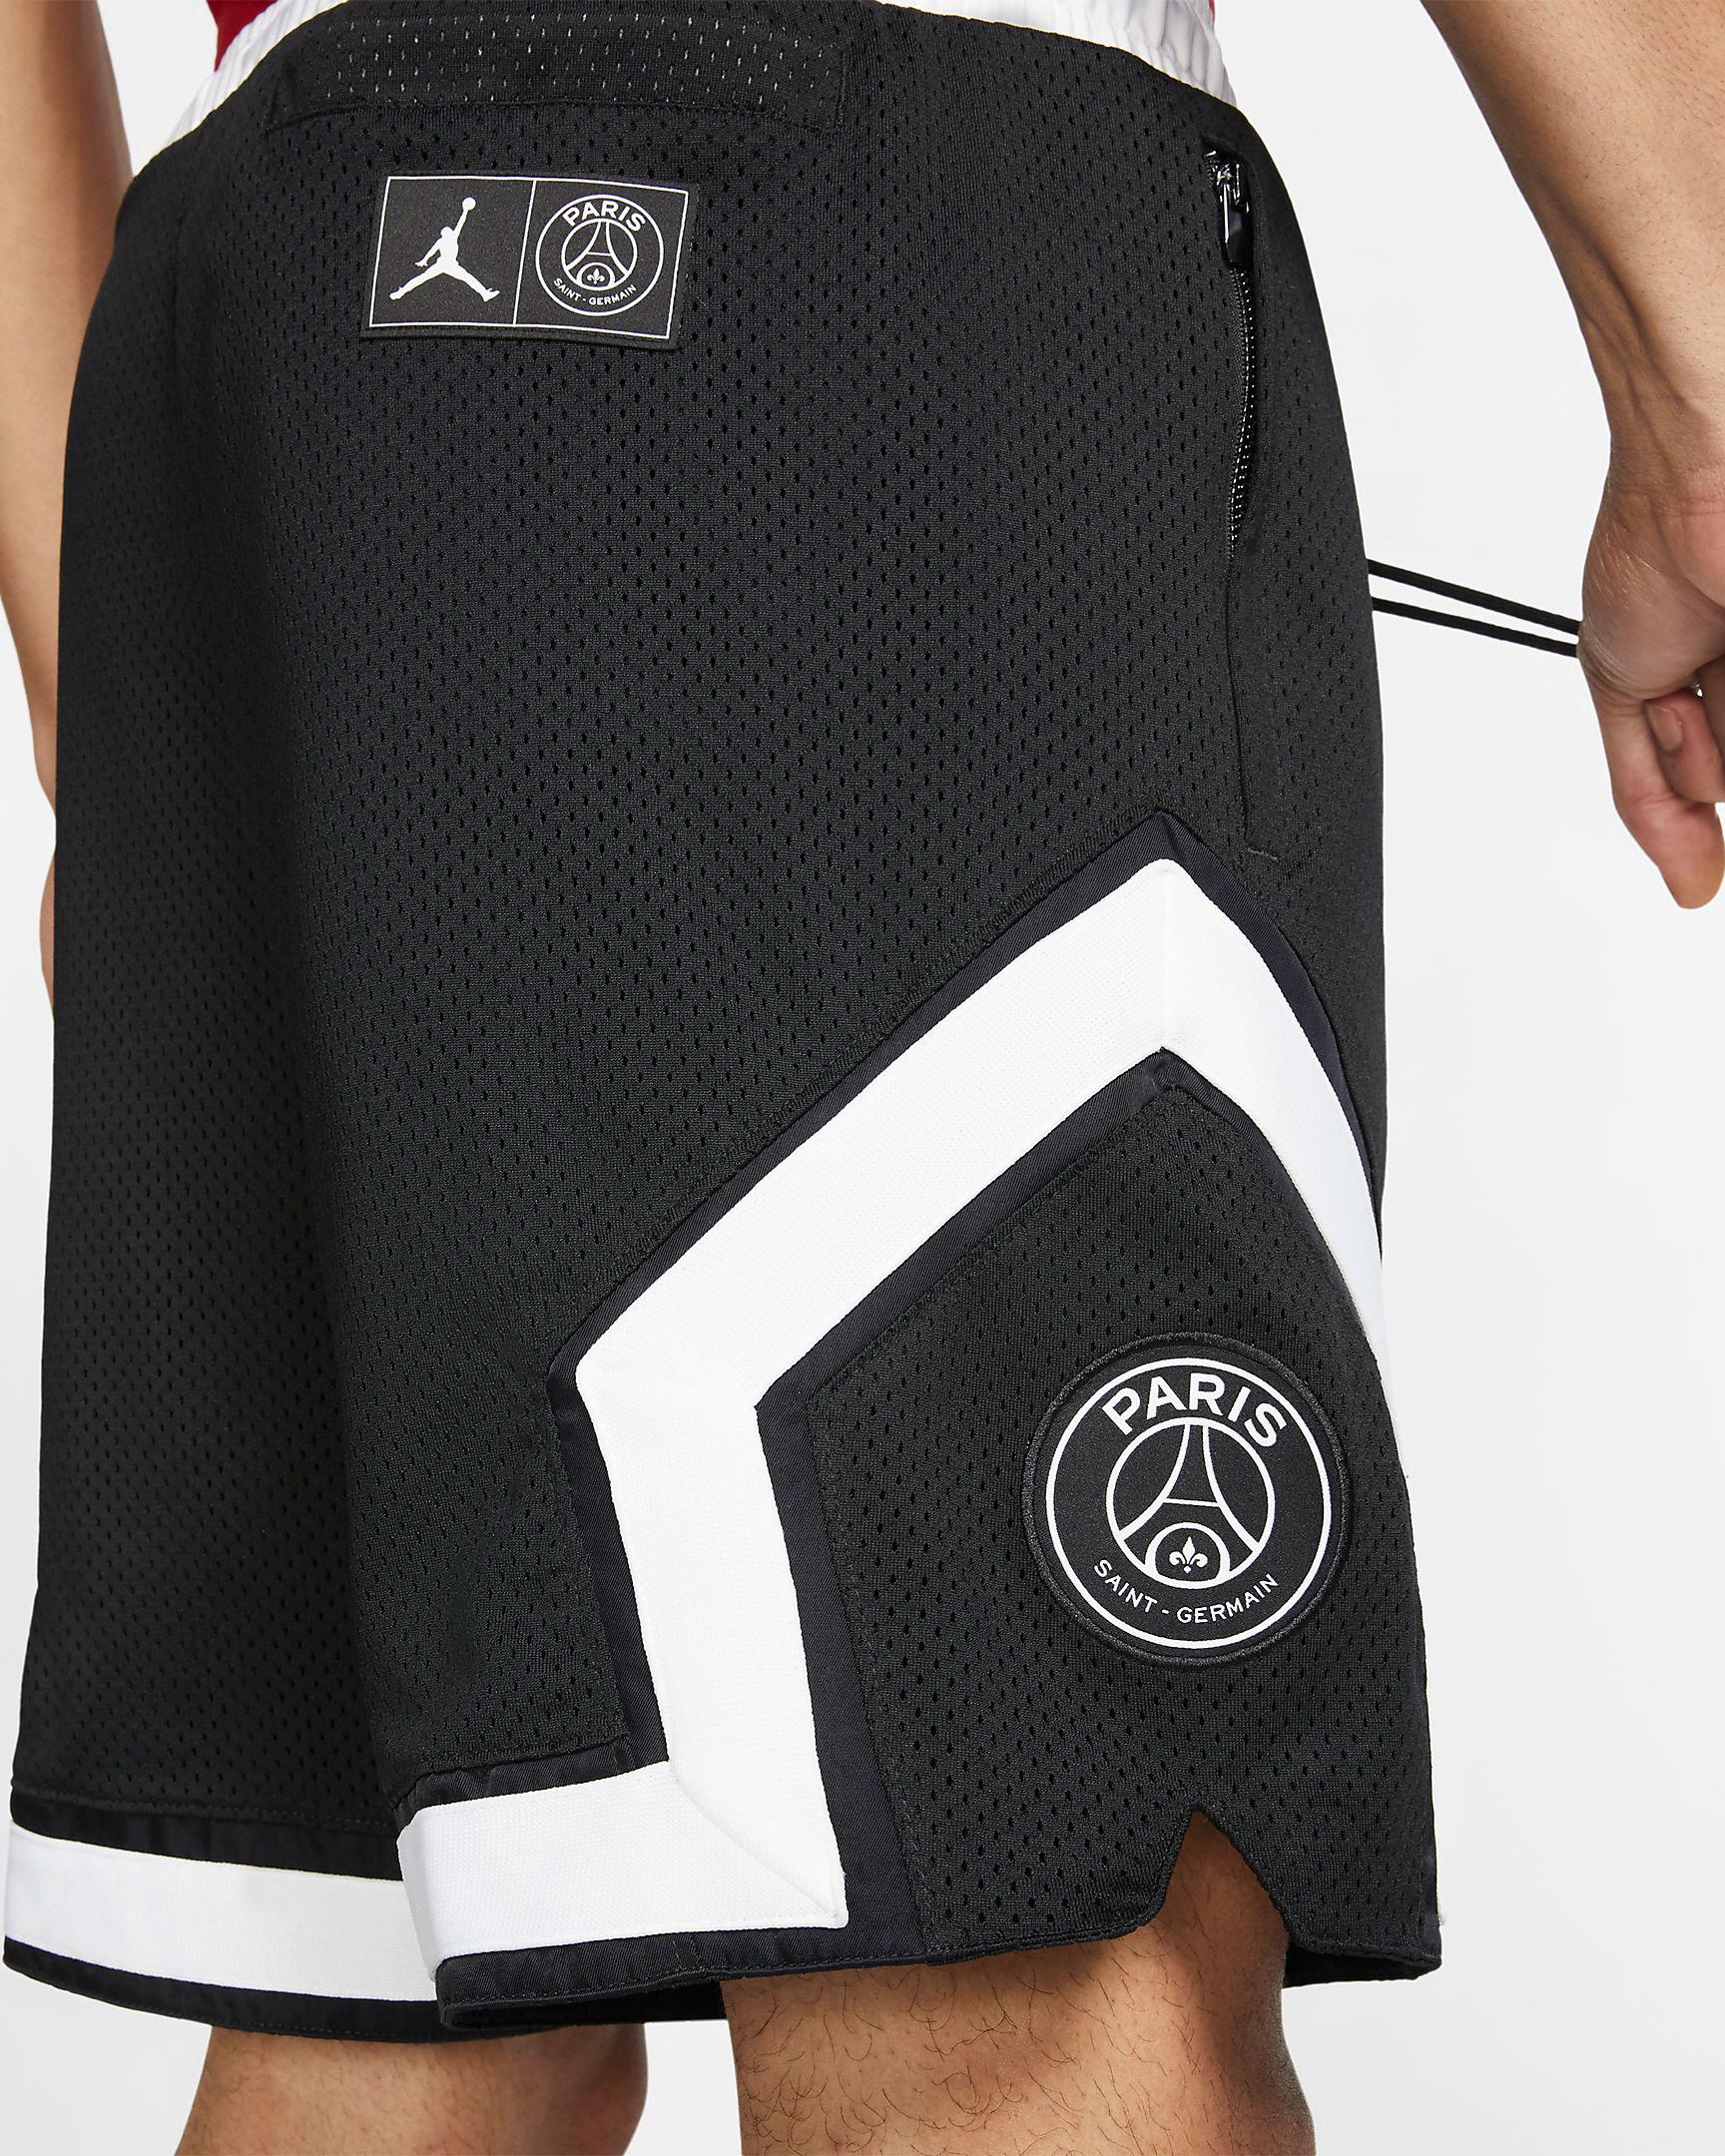 jordan-psg-paris-saint-germain-shorts